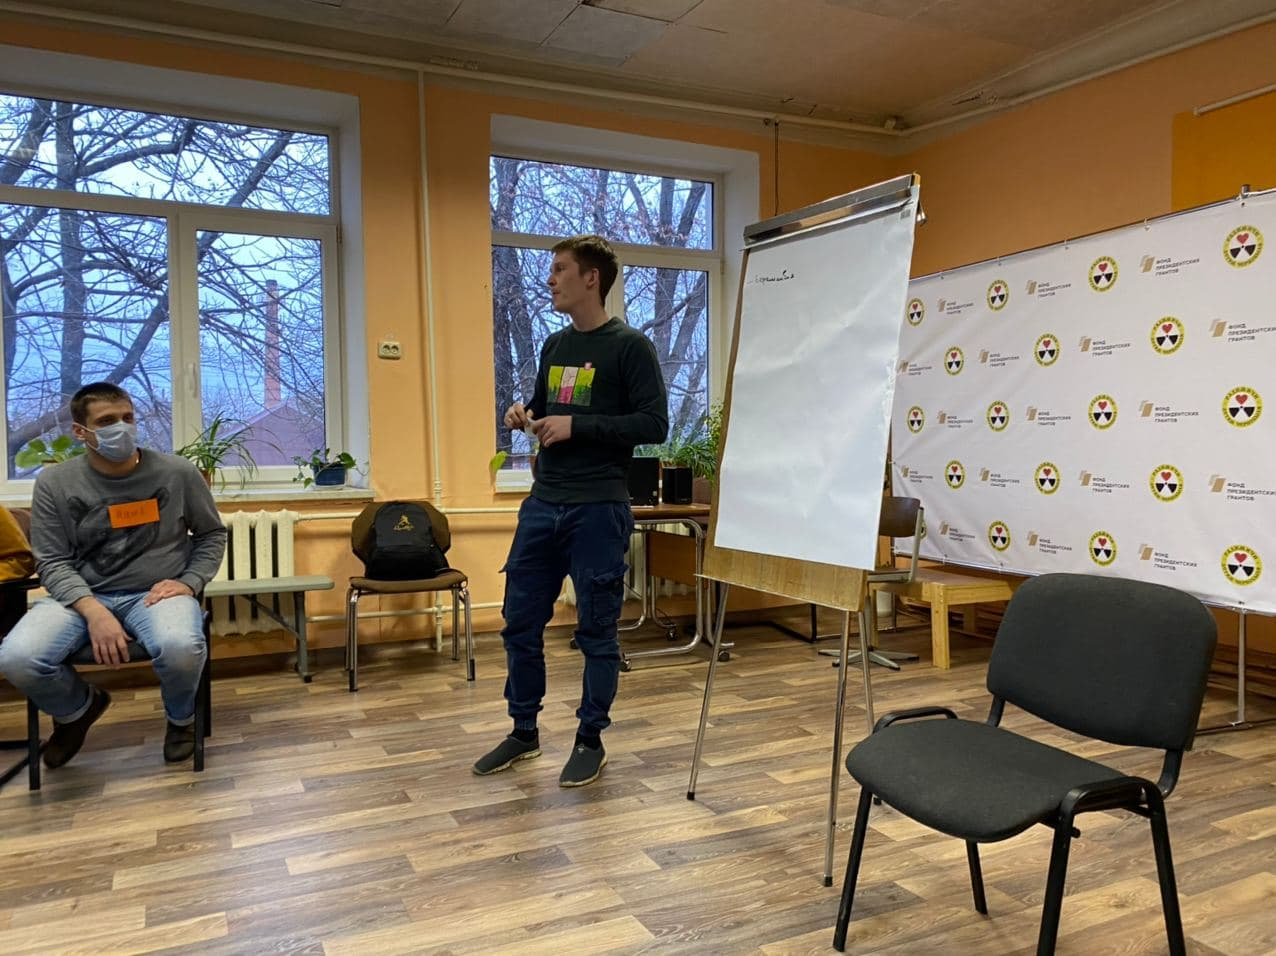 Особенности волонтерской помощи пожилым людям изучают на занятиях Добровольческой службы «Радимичи»